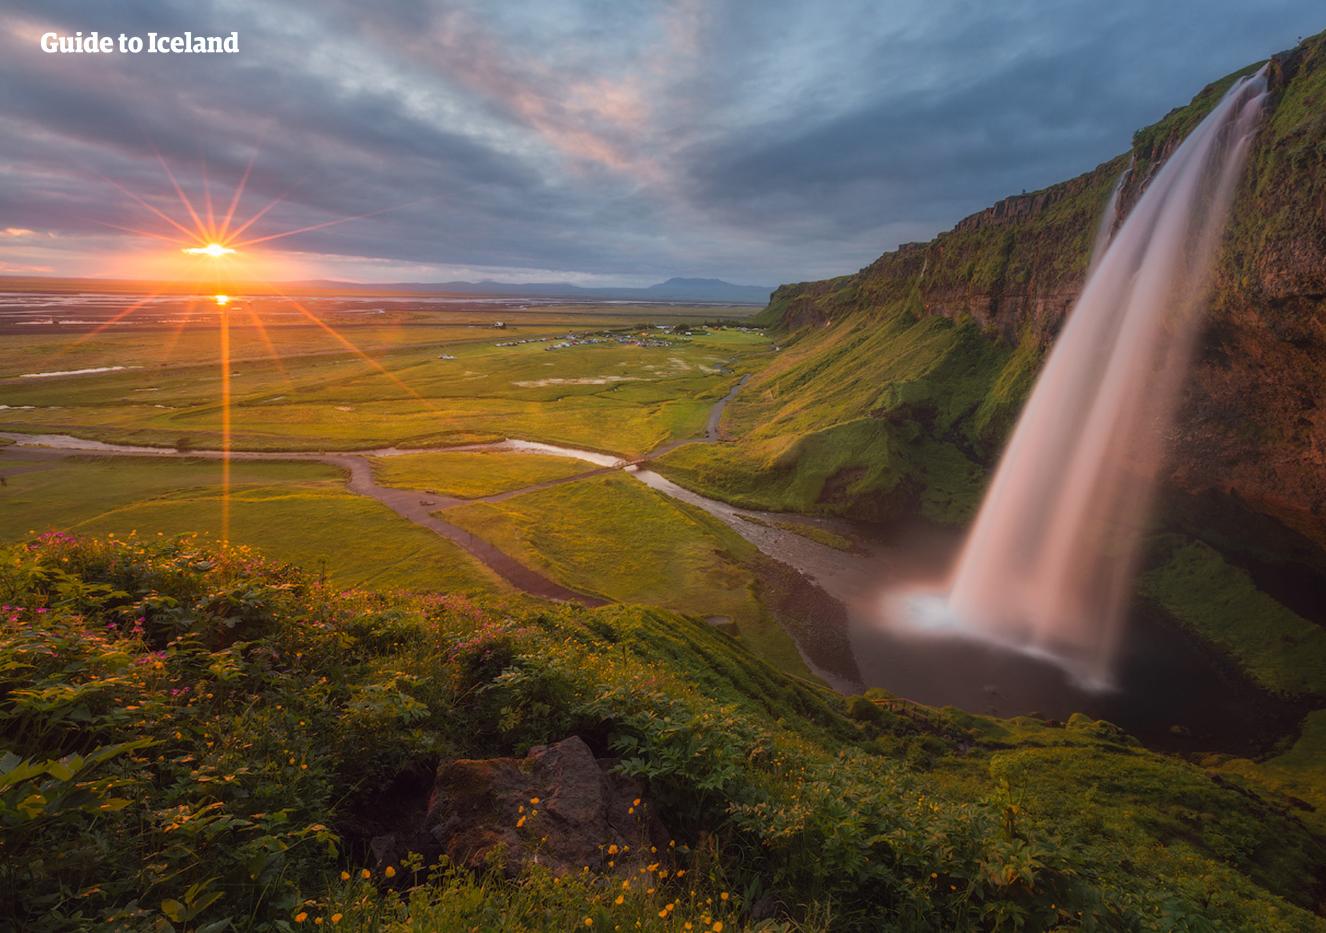 塞里雅兰瀑布(Seljalandsfoss)是冰岛南岸最著名的瀑布之一